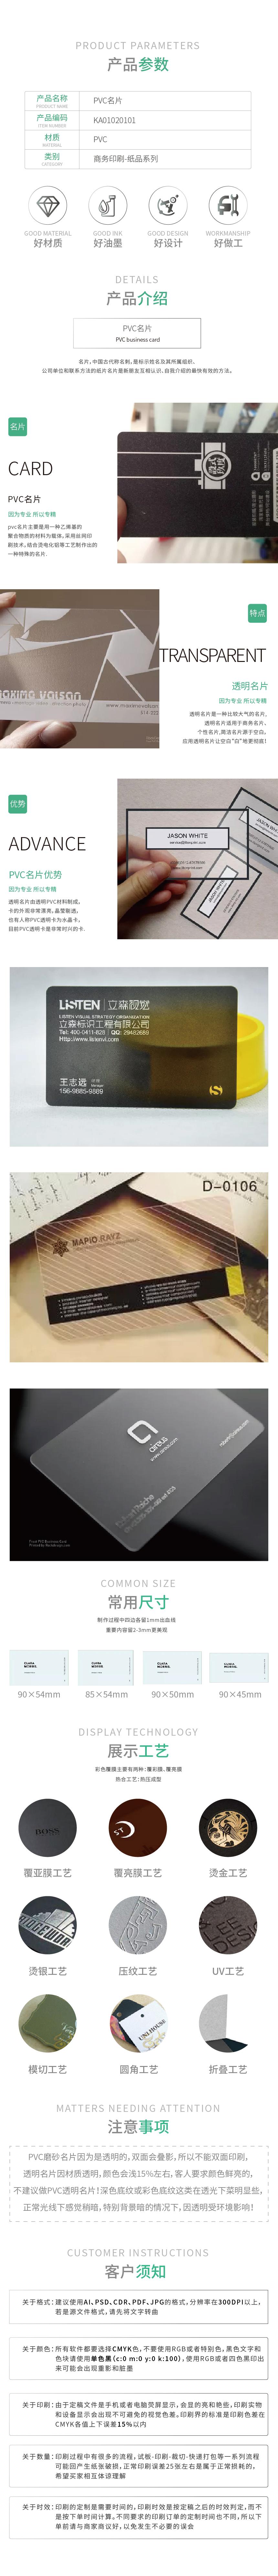 KA0101015-KA010201产品详情_PVC名片.jpg